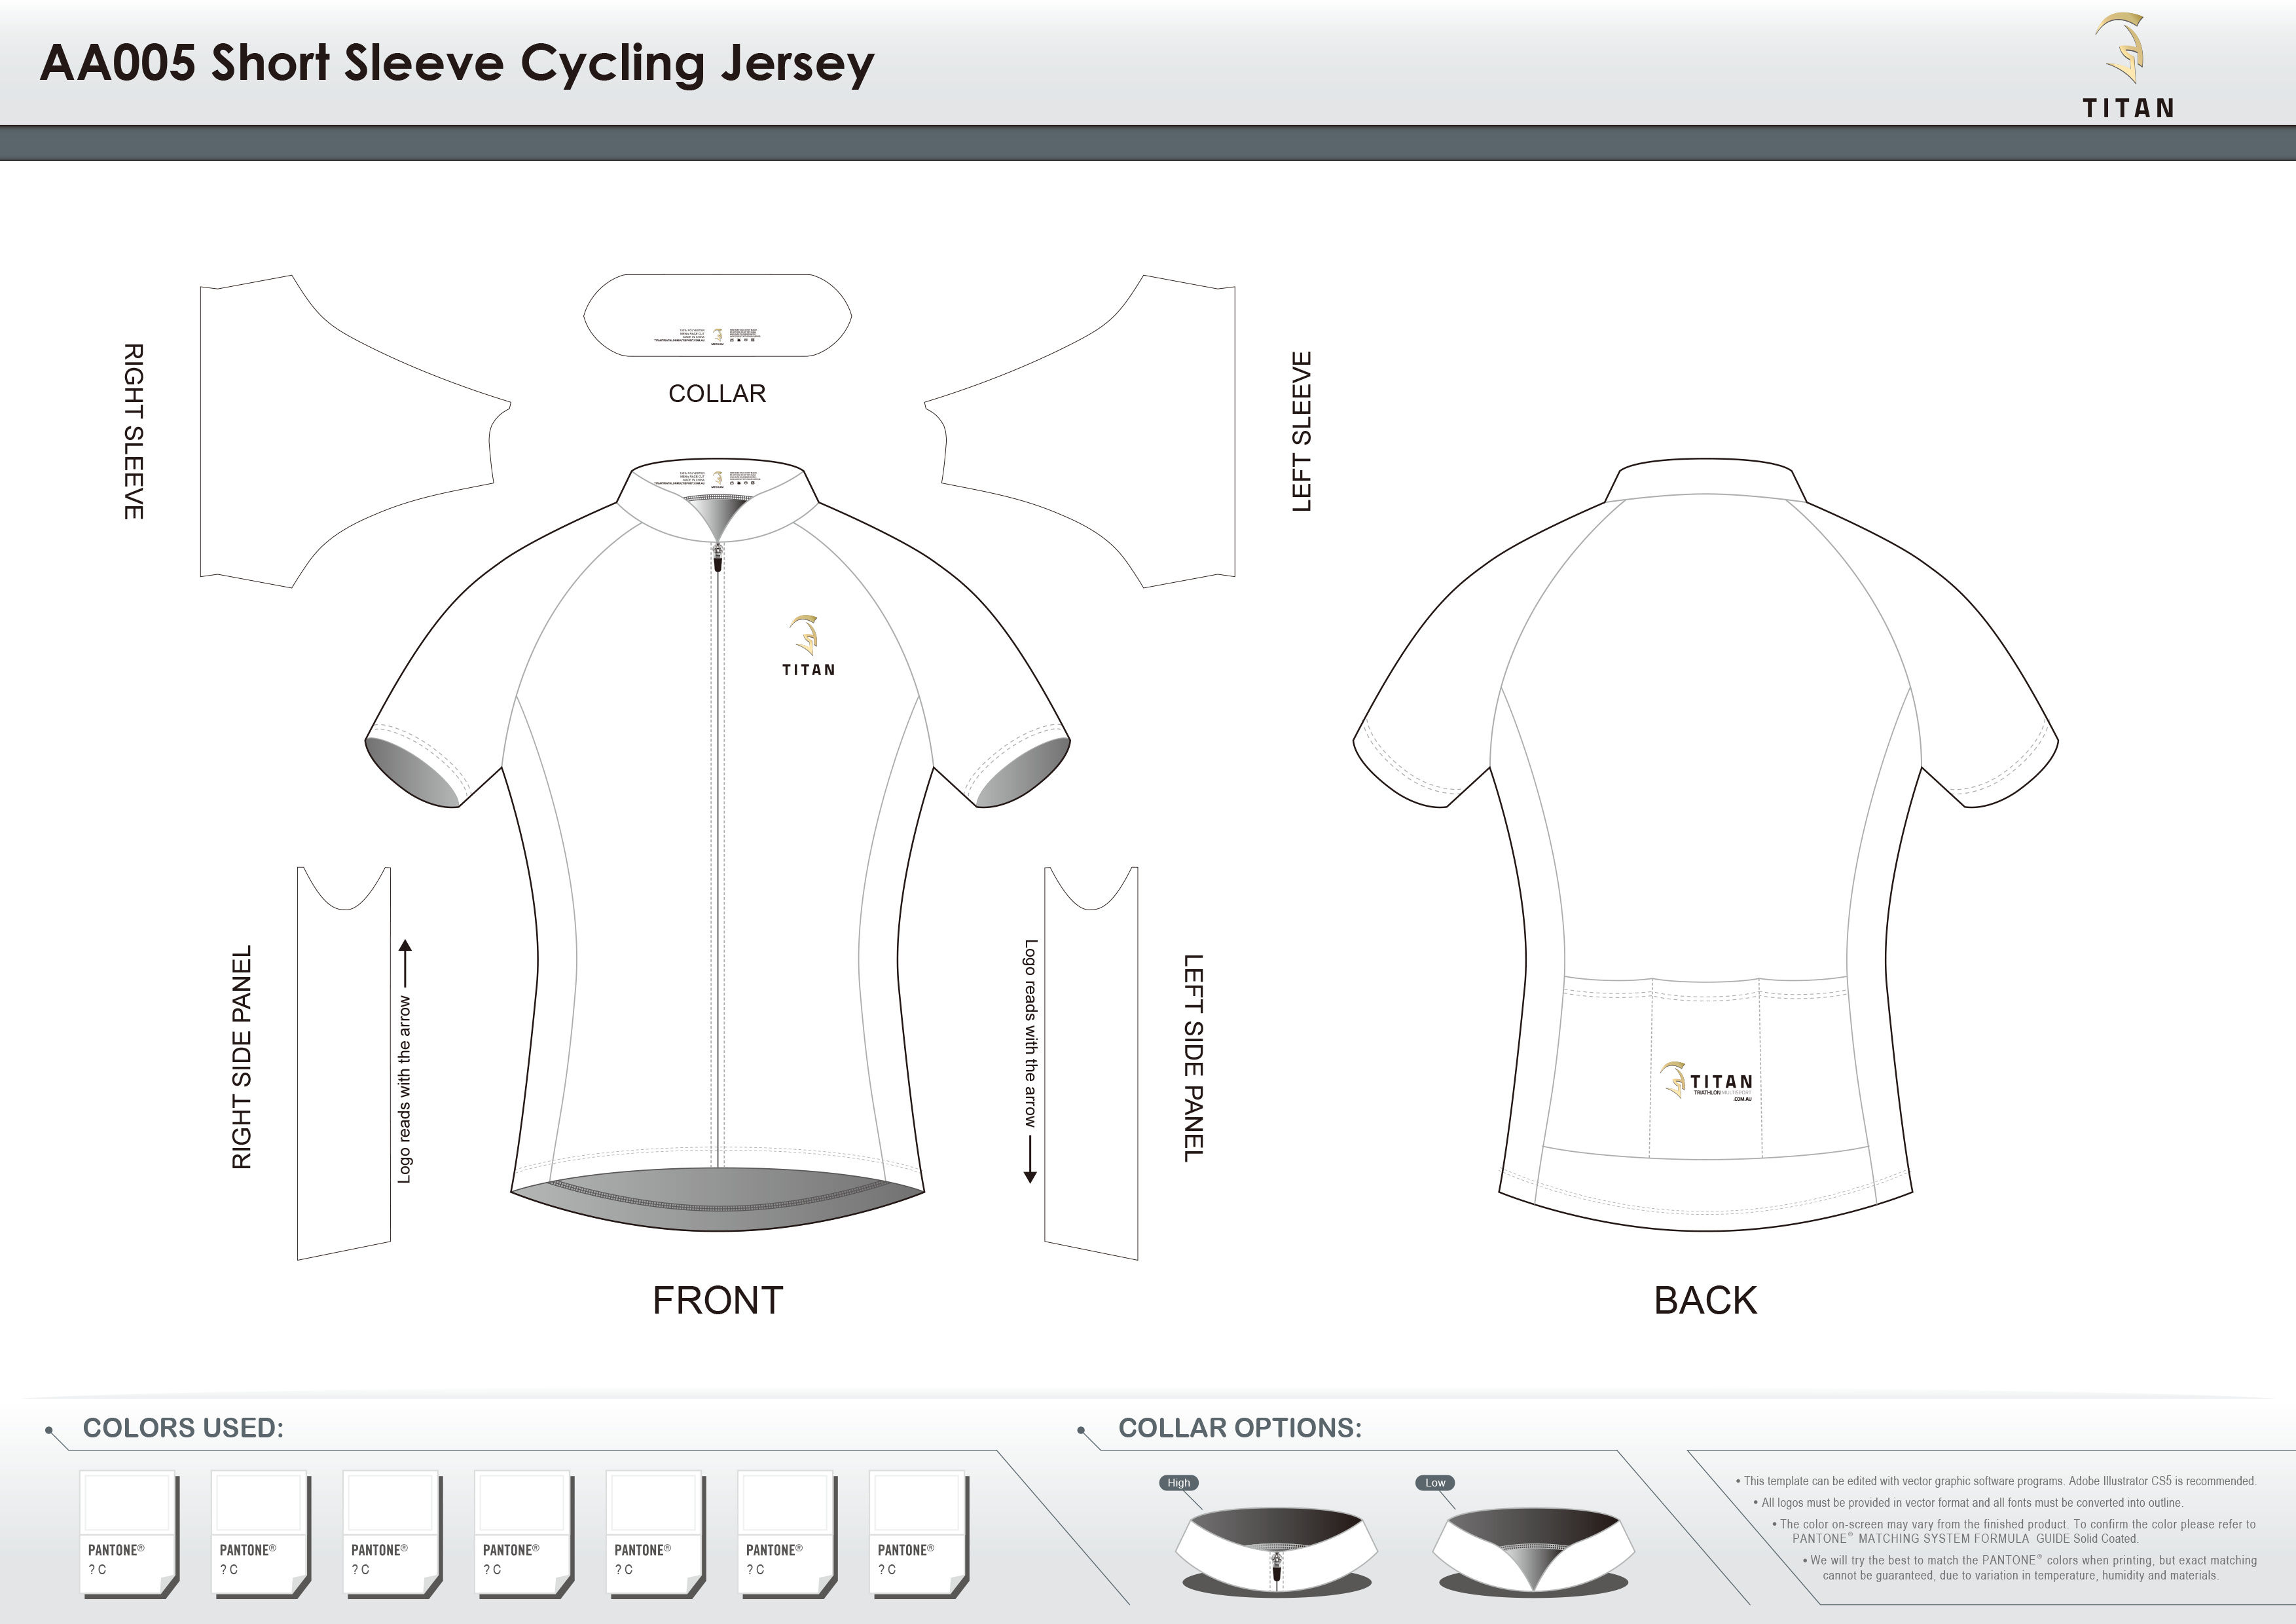 AA005 SS Cycling Jersey